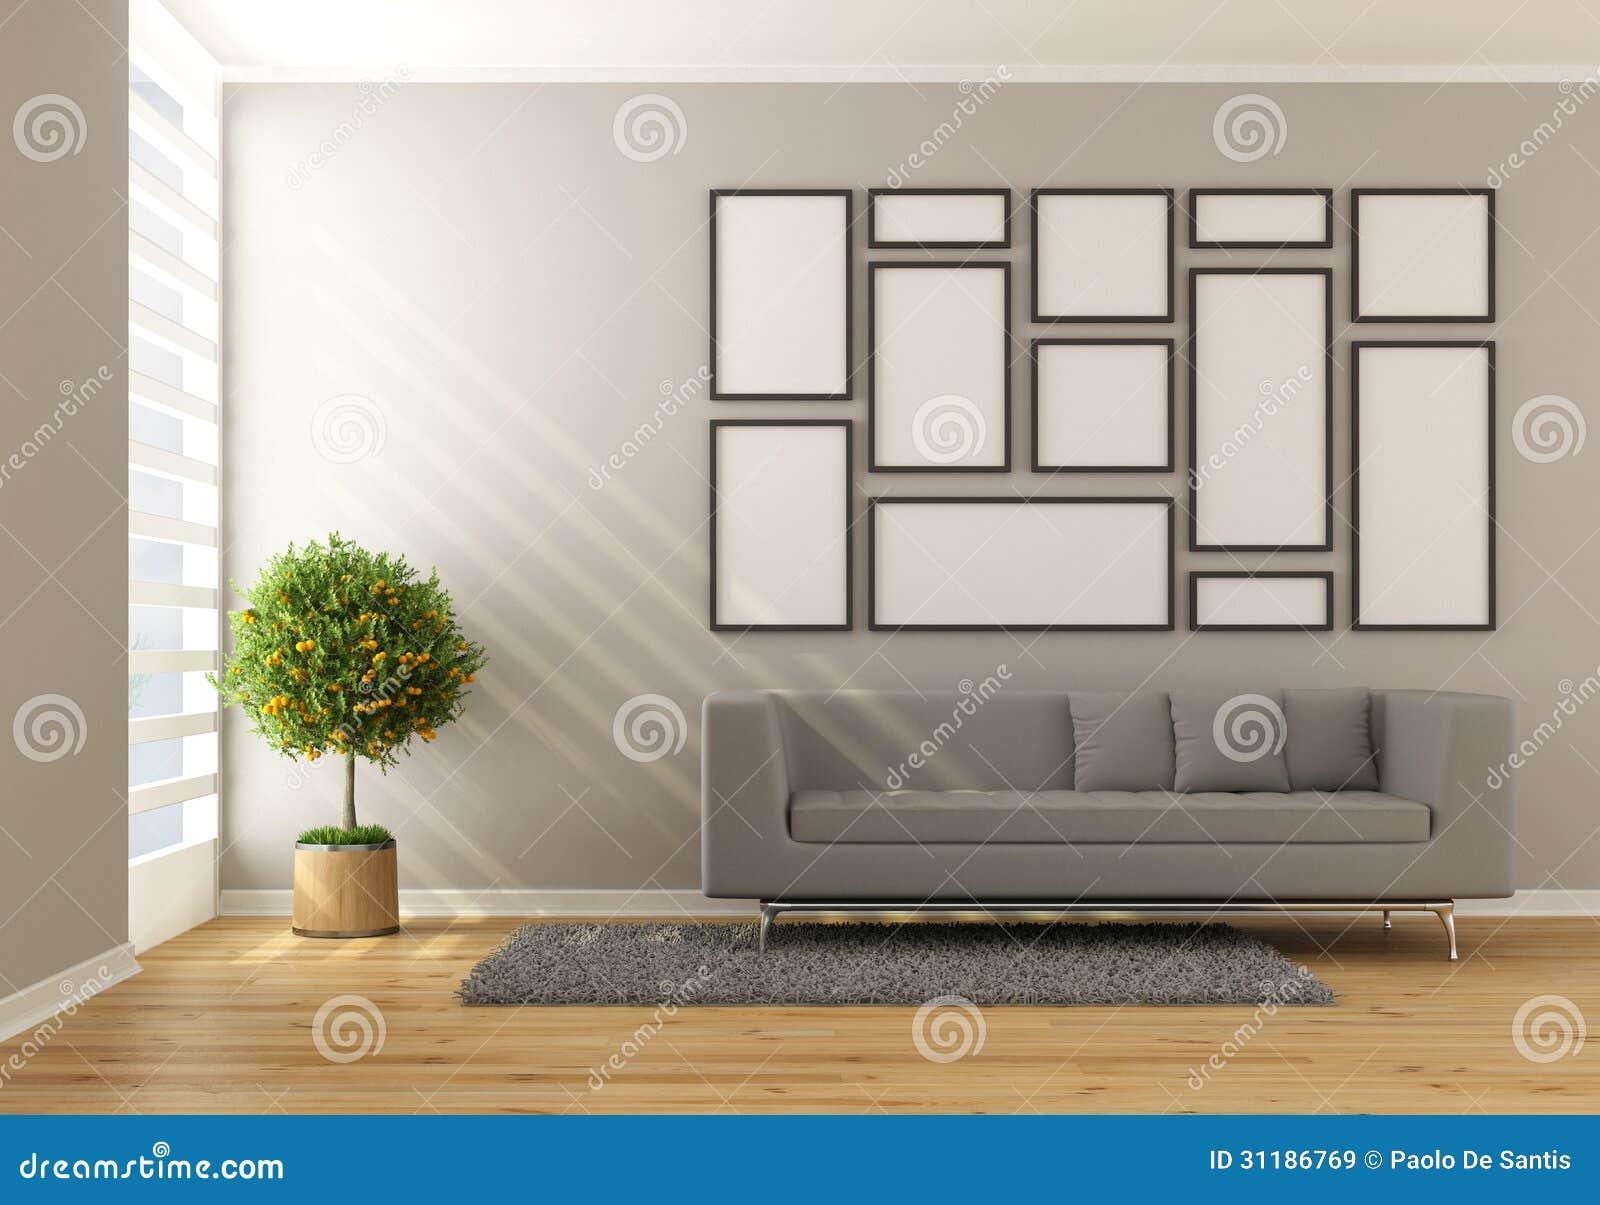 Sala Tv Minimalista ~ Sala de estar minimalista contemporánea con el marco del sofá y del